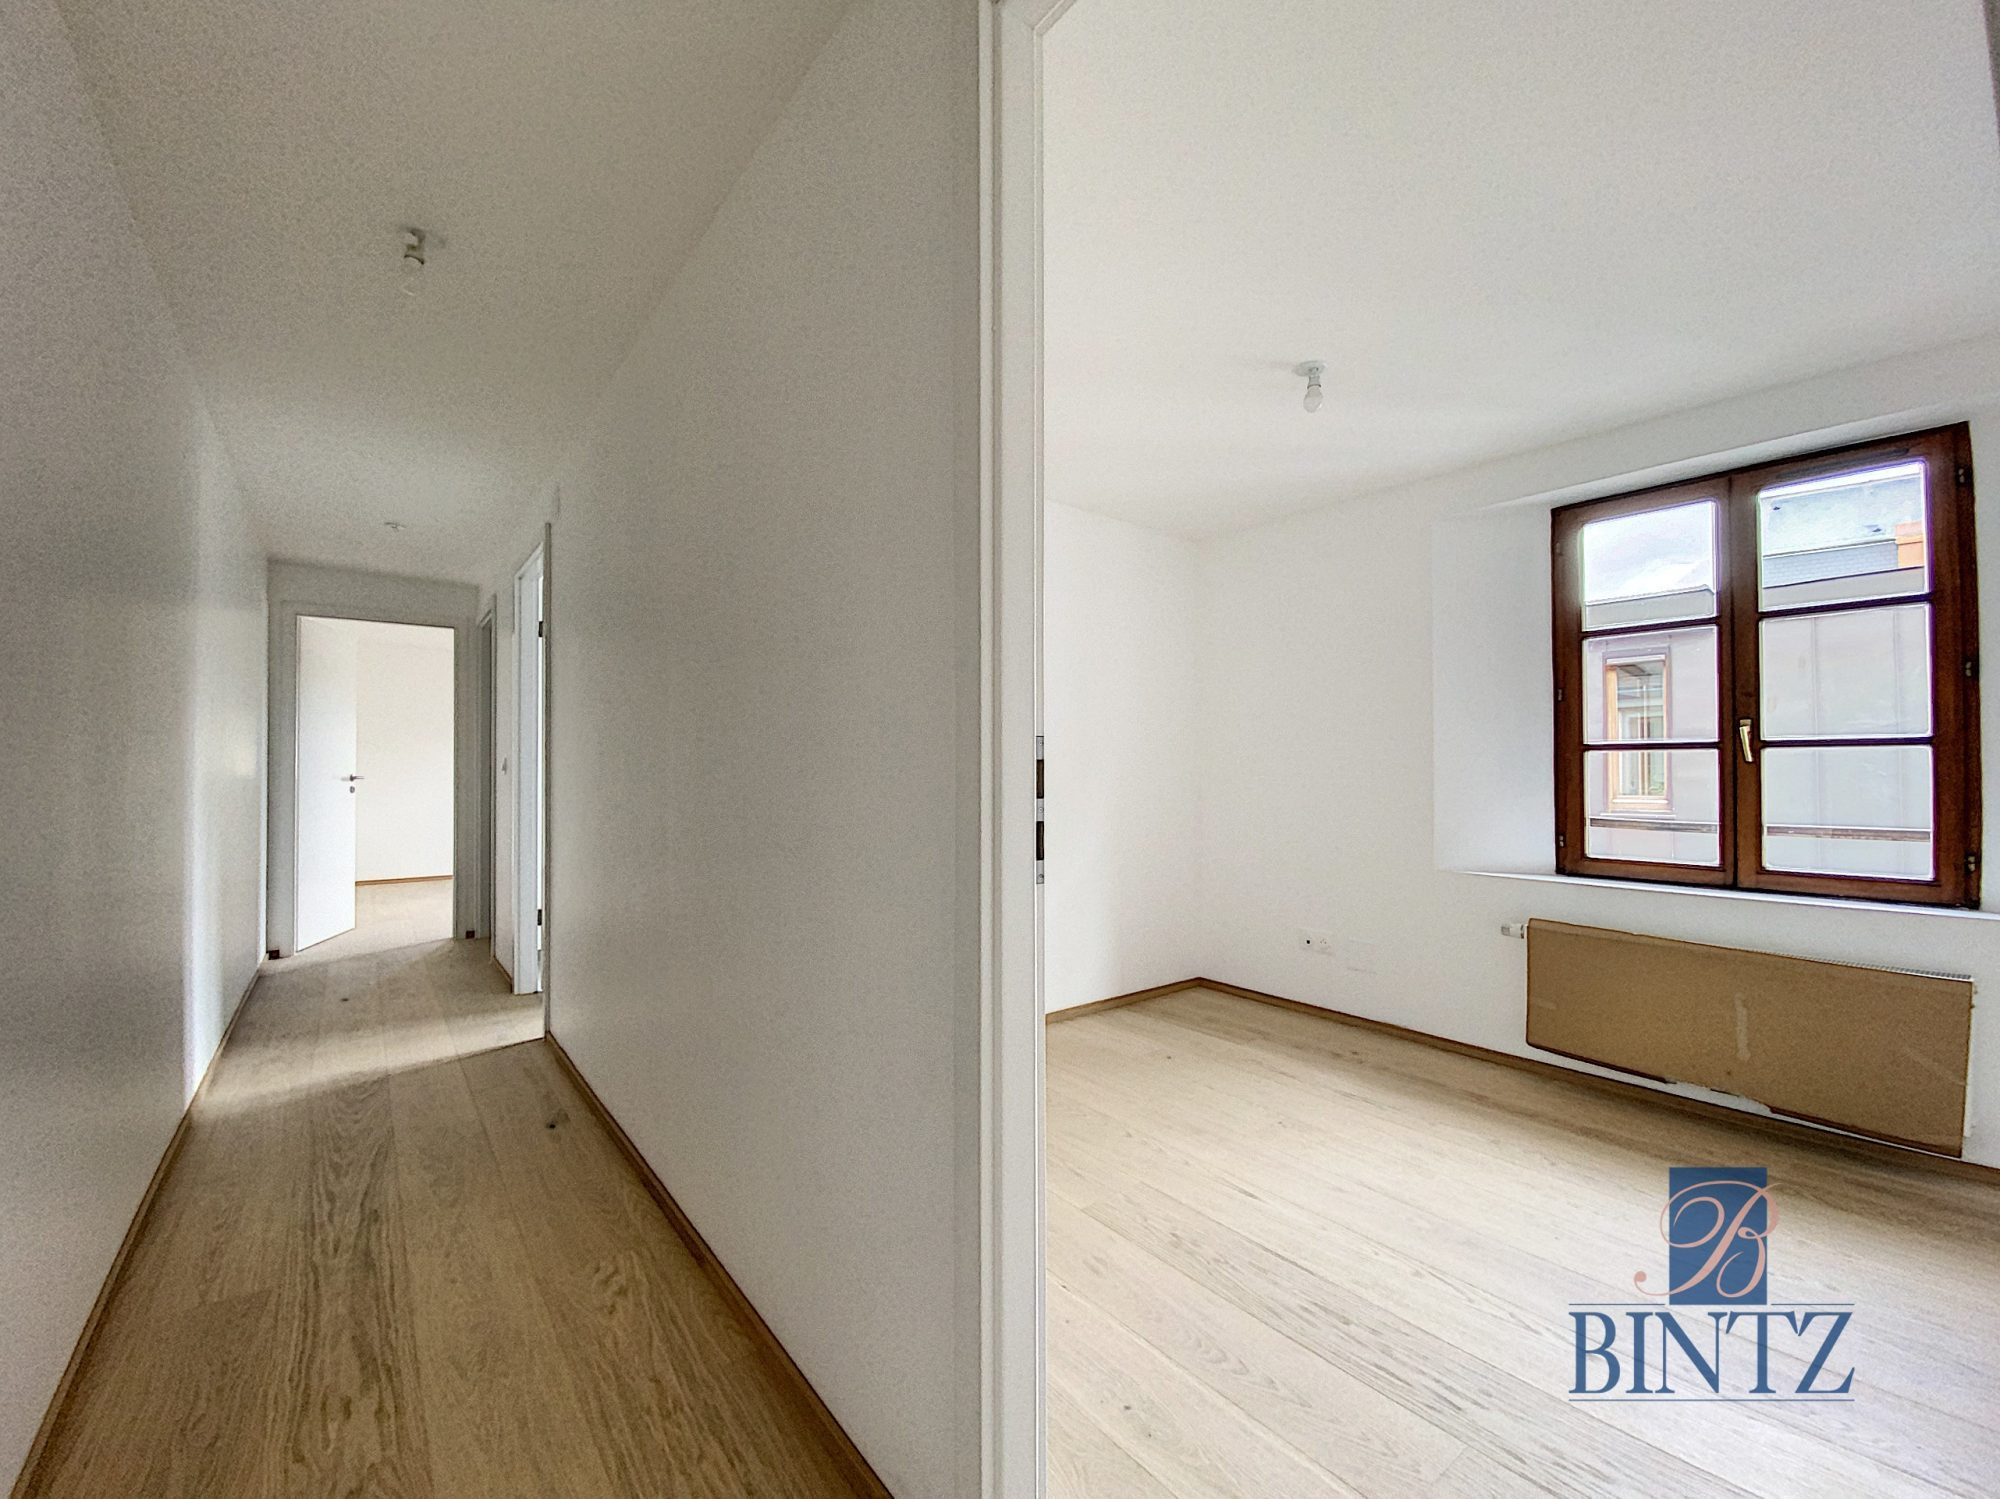 4 pièces refait à neuf quartier Gare - Devenez locataire en toute sérénité - Bintz Immobilier - 2